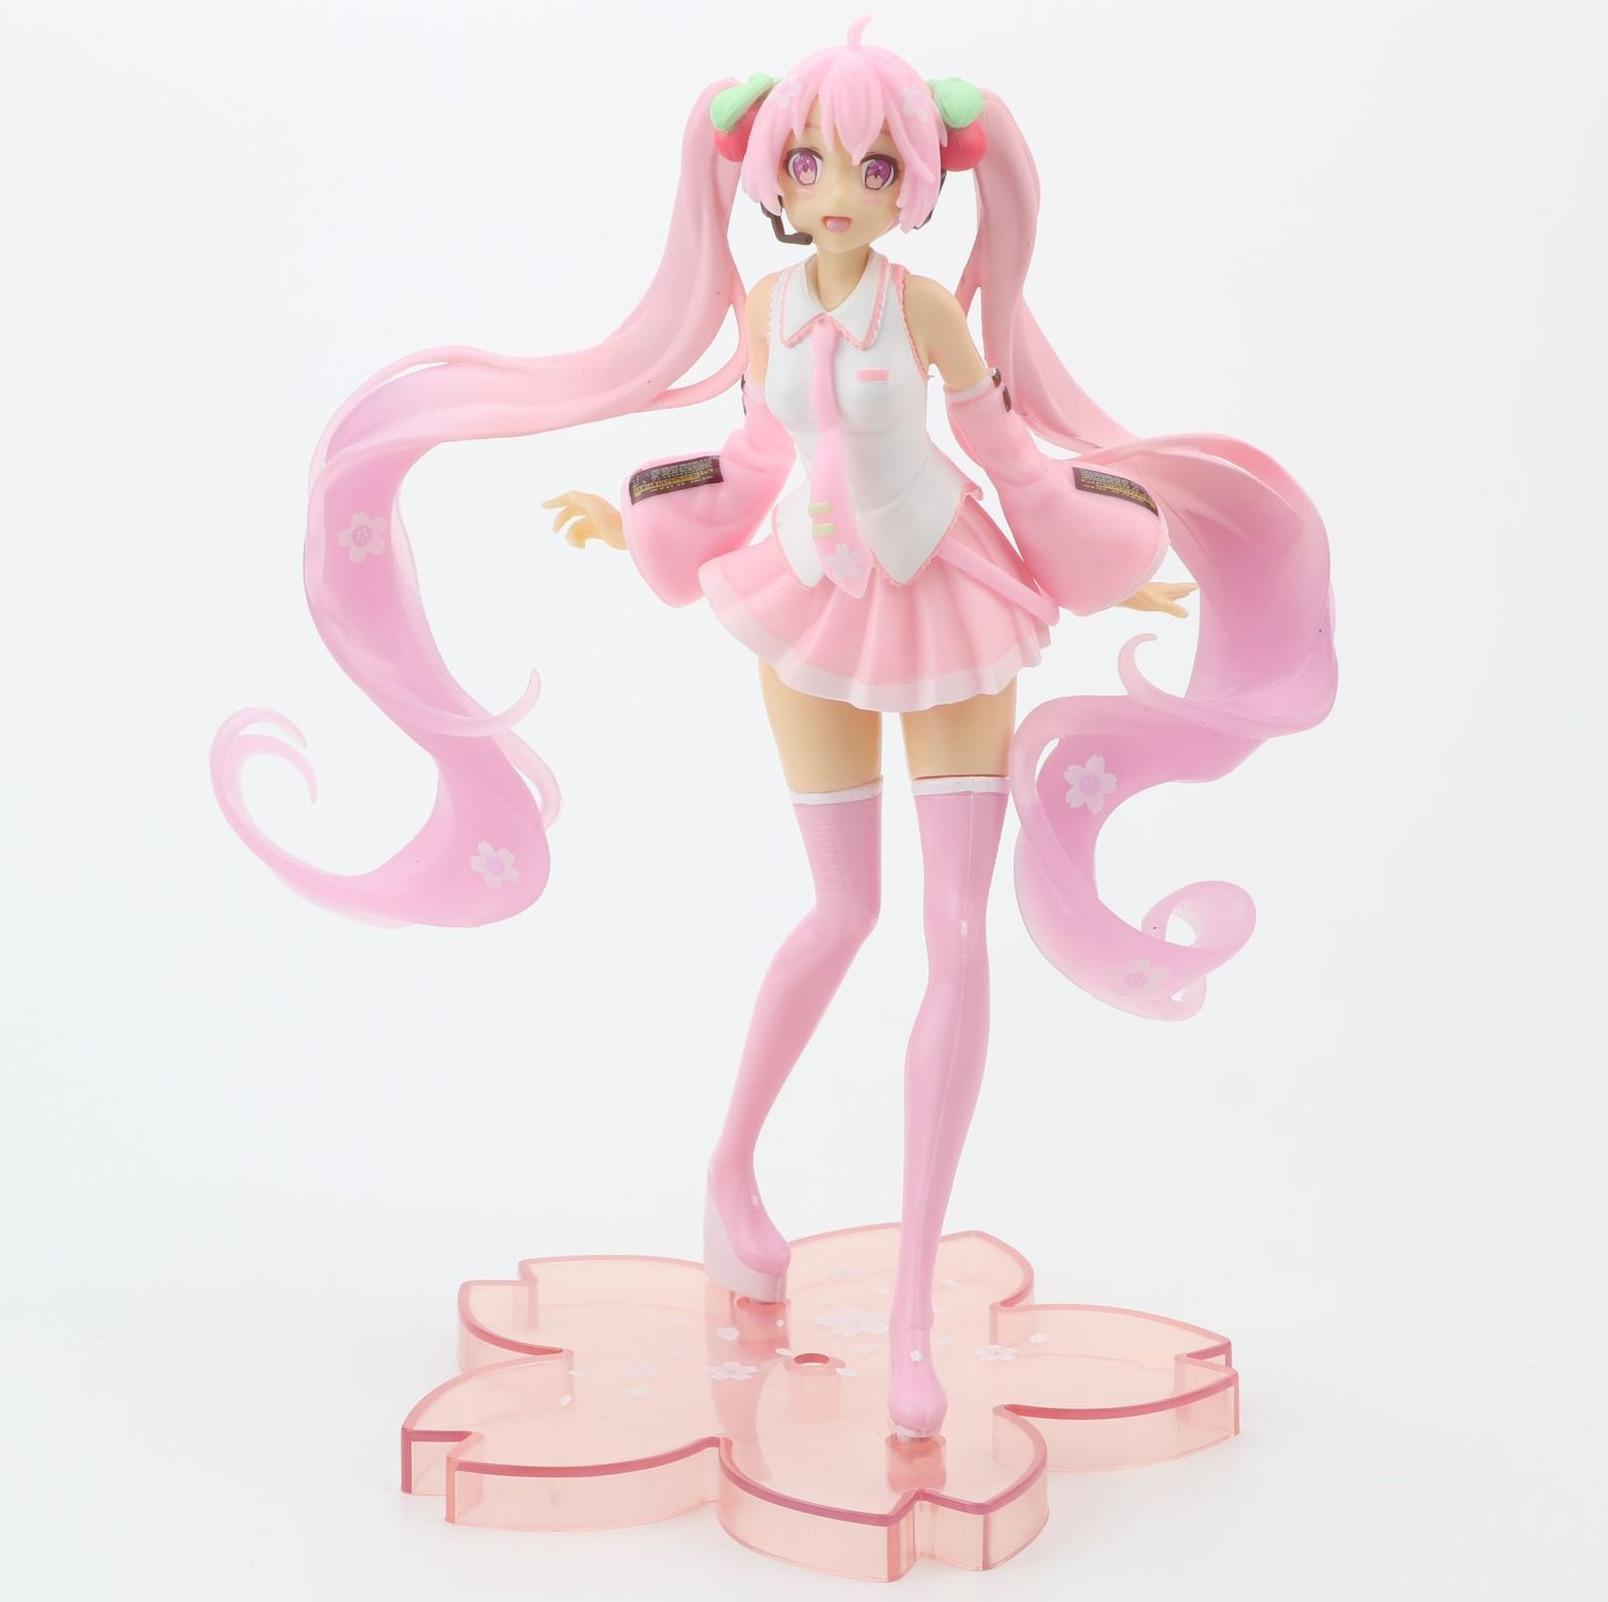 bandai-figura-de-hatsune-de-anime-modelo-de-flor-de-cerezo-rosa-munecos-de-coleccion-de-pvc-adornos-decorativos-marionetas-periph-de-19cm